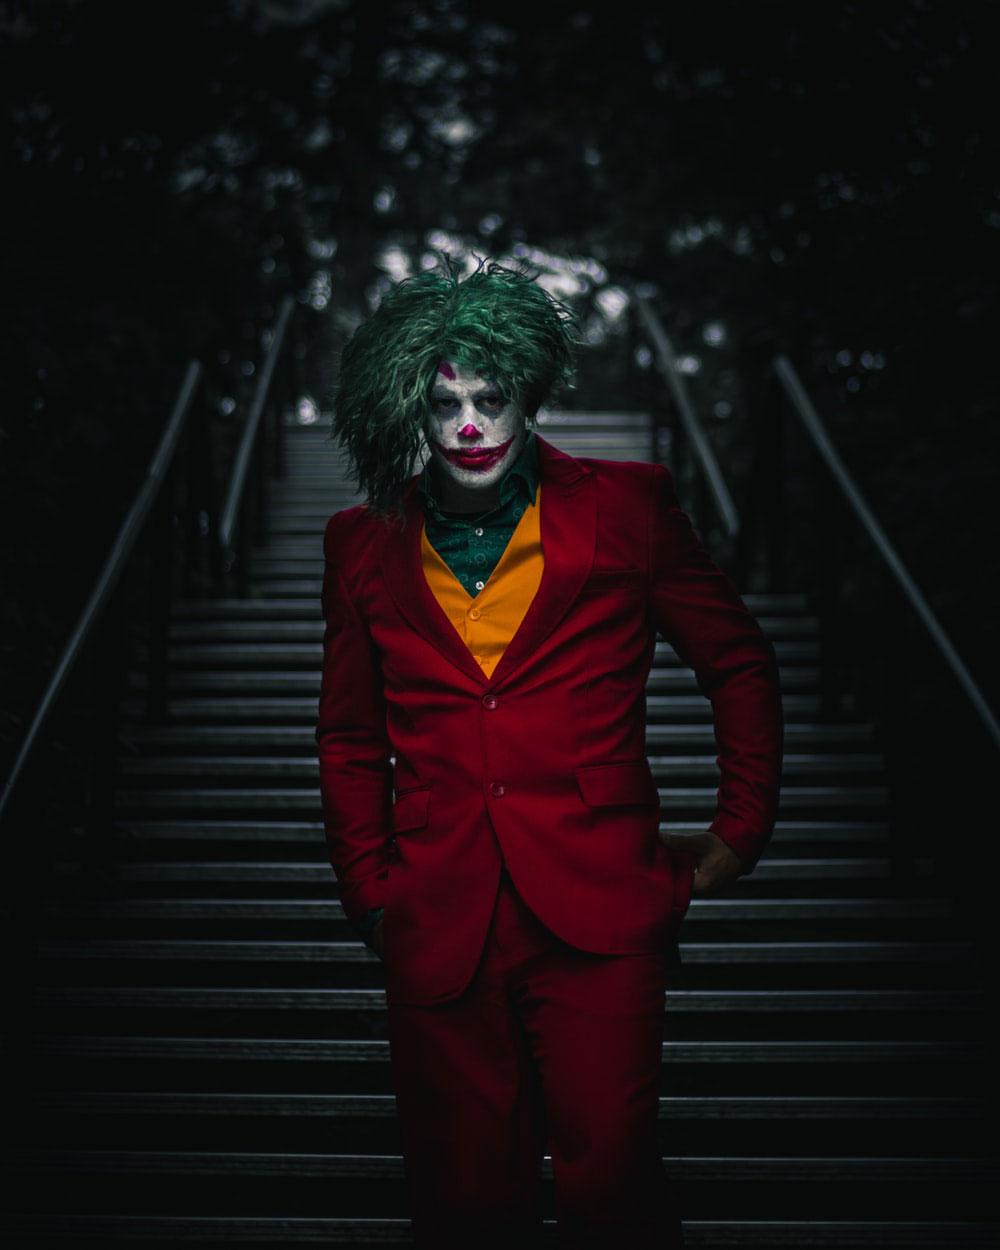 2021 hd New Joker Dp Images pics 1